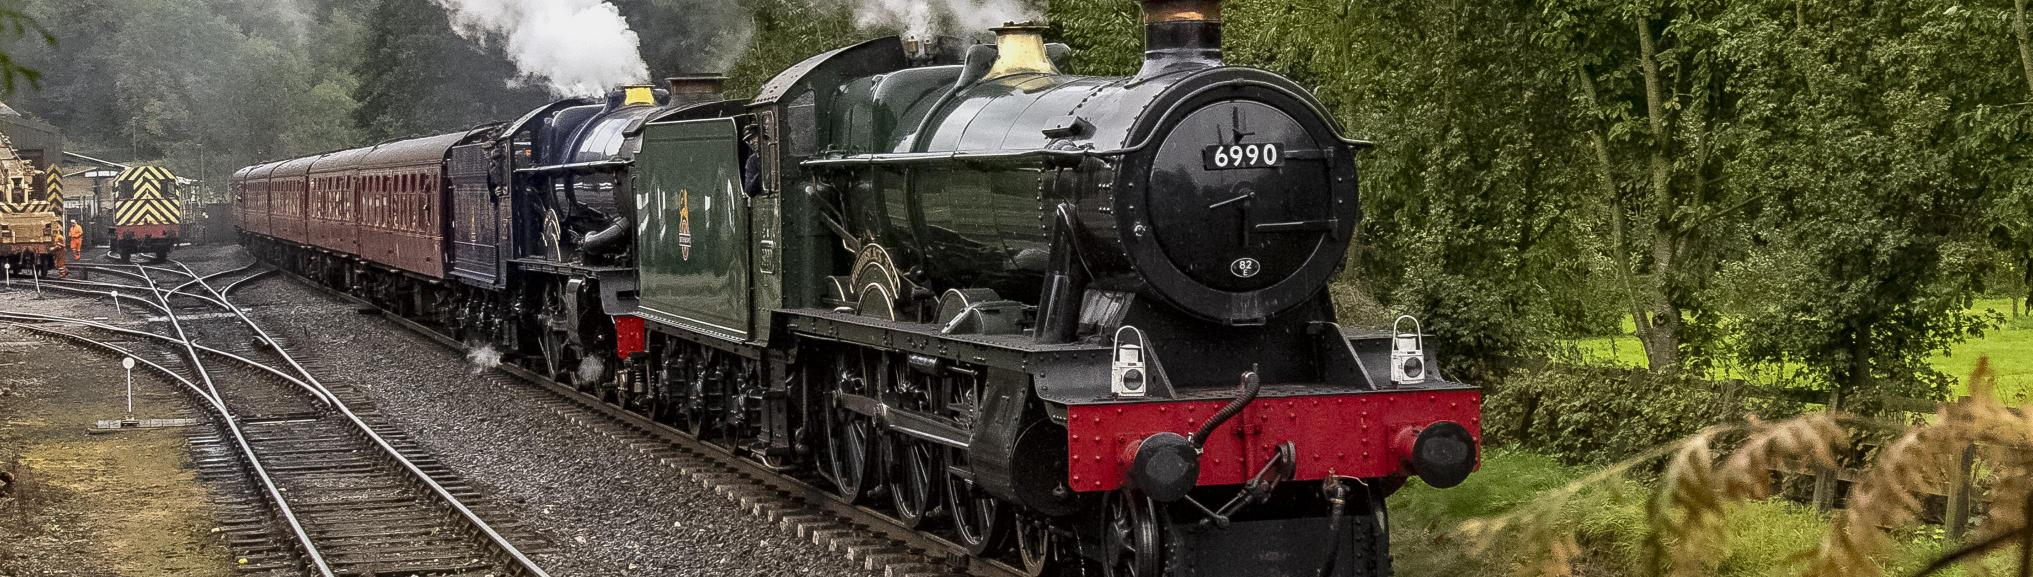 Trein Engeland